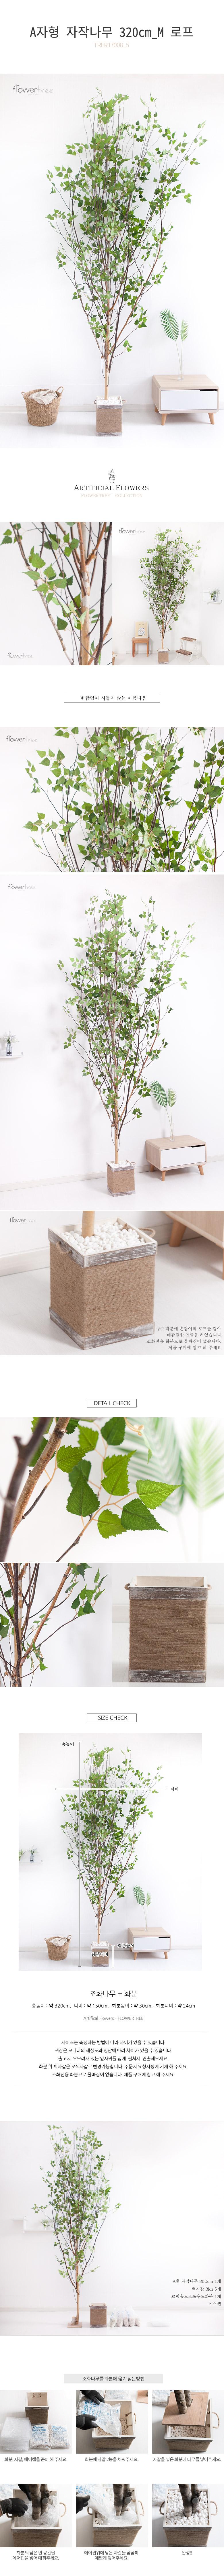 A자형자작나무320cm 로프5-5 [조화] - 플라워트리, 299,200원, 조화, 인조목